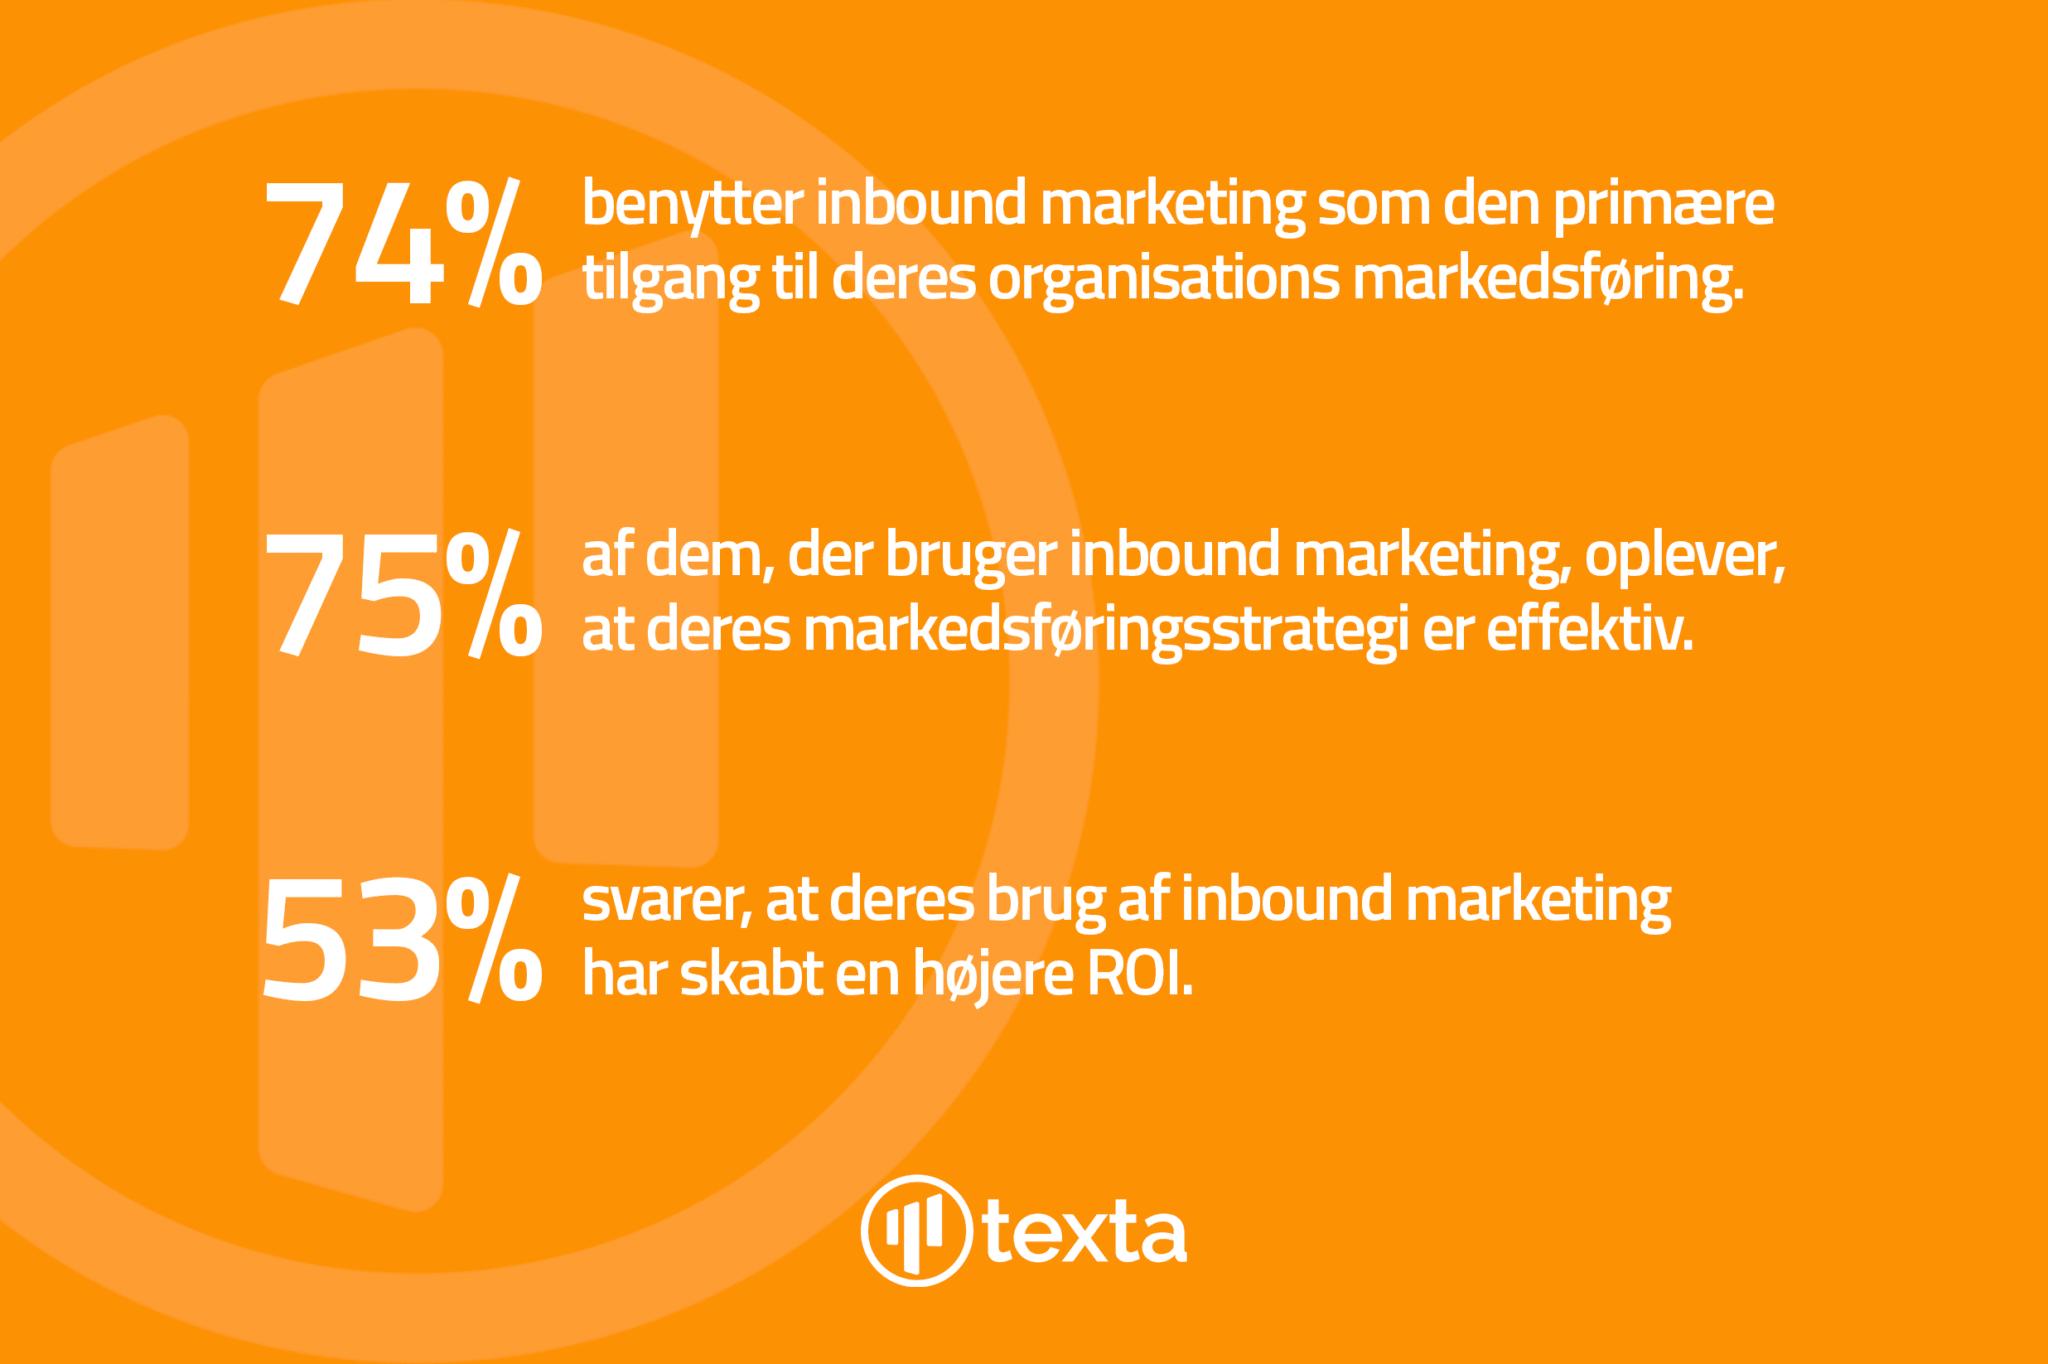 Inbound marketing - Tre statistikker